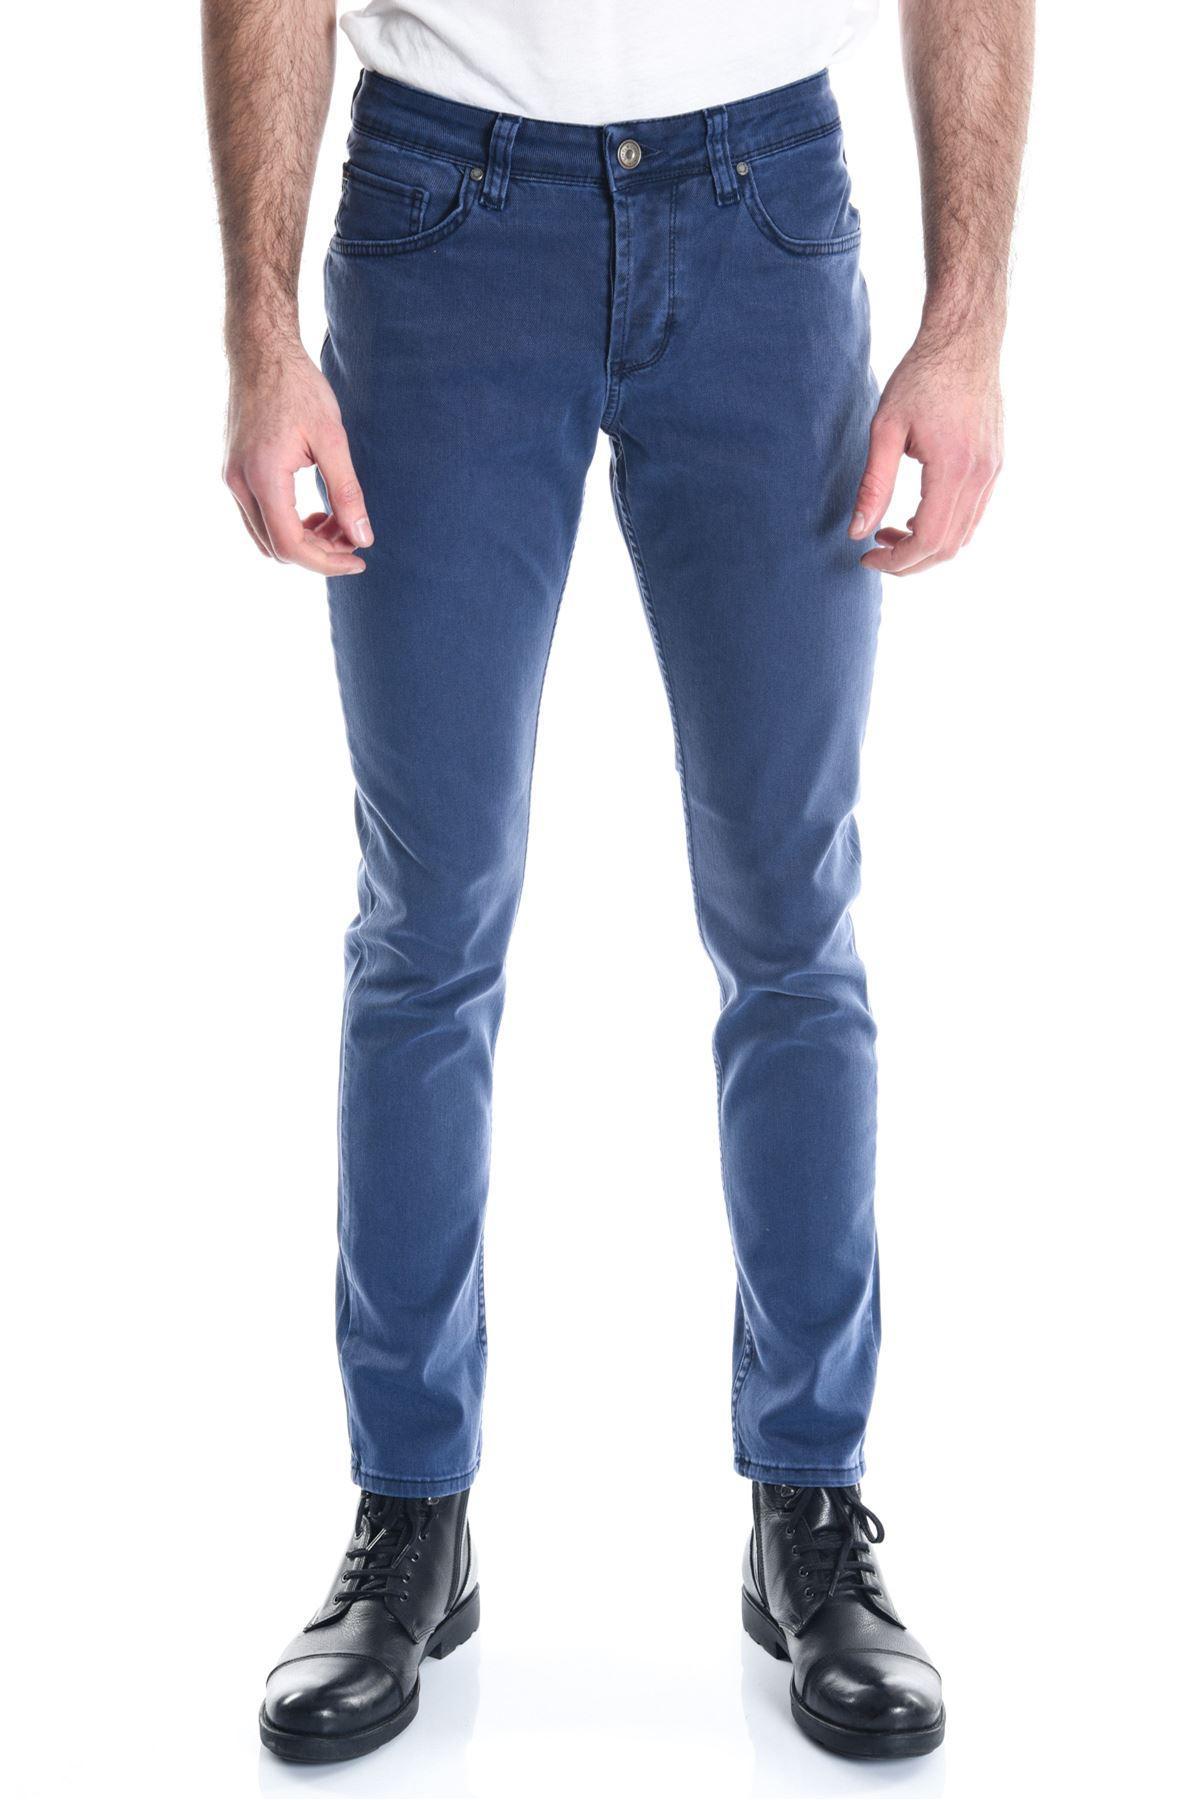 Mavi Sade Slimfit Erkek Kot Pantolon